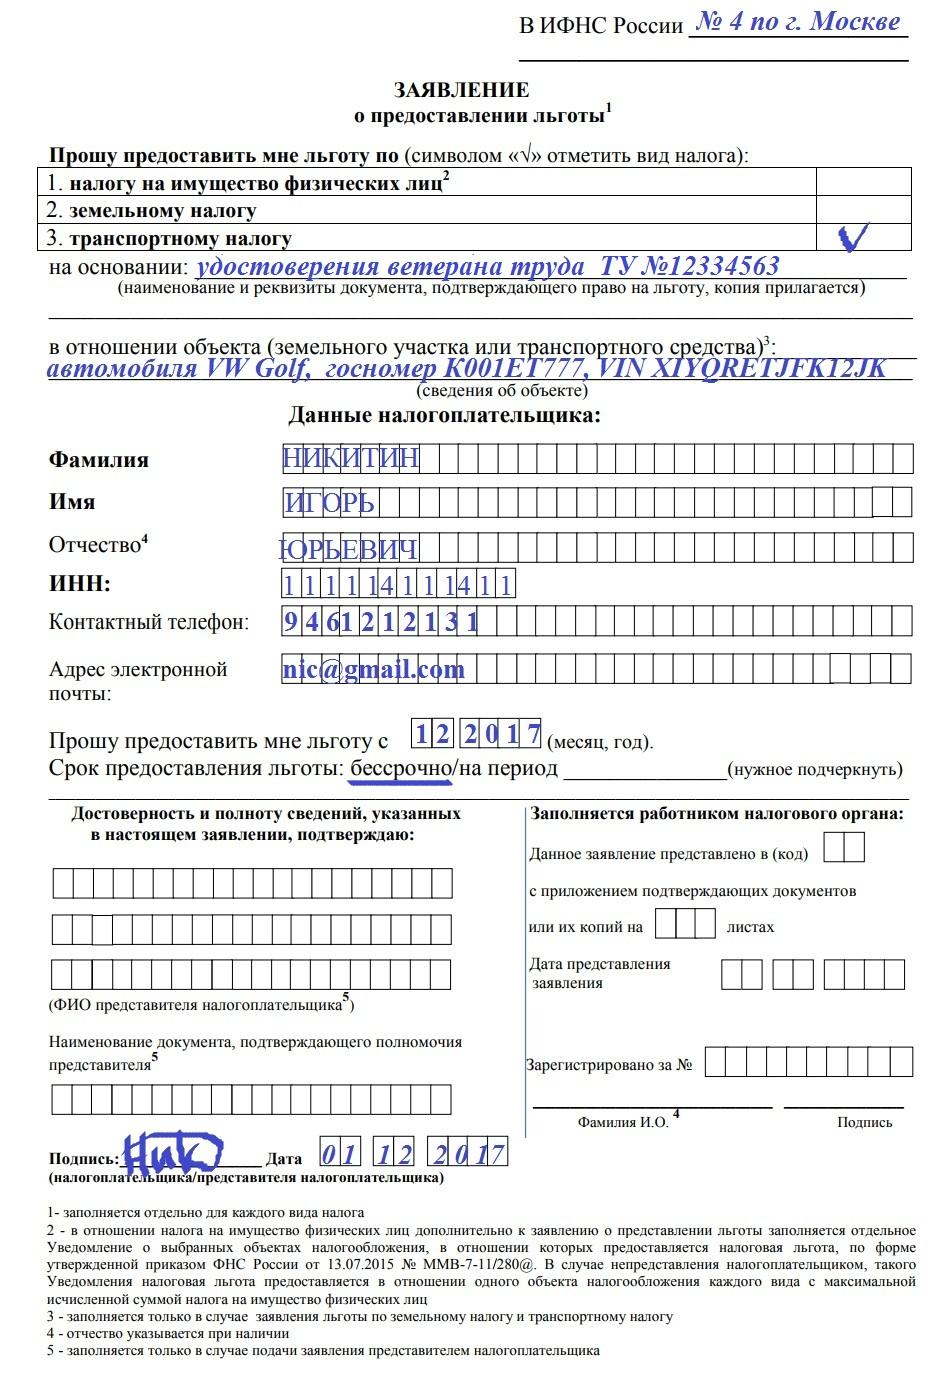 Изображение - Заявление на льготу по транспортному налогу obrazec-zayavleniya